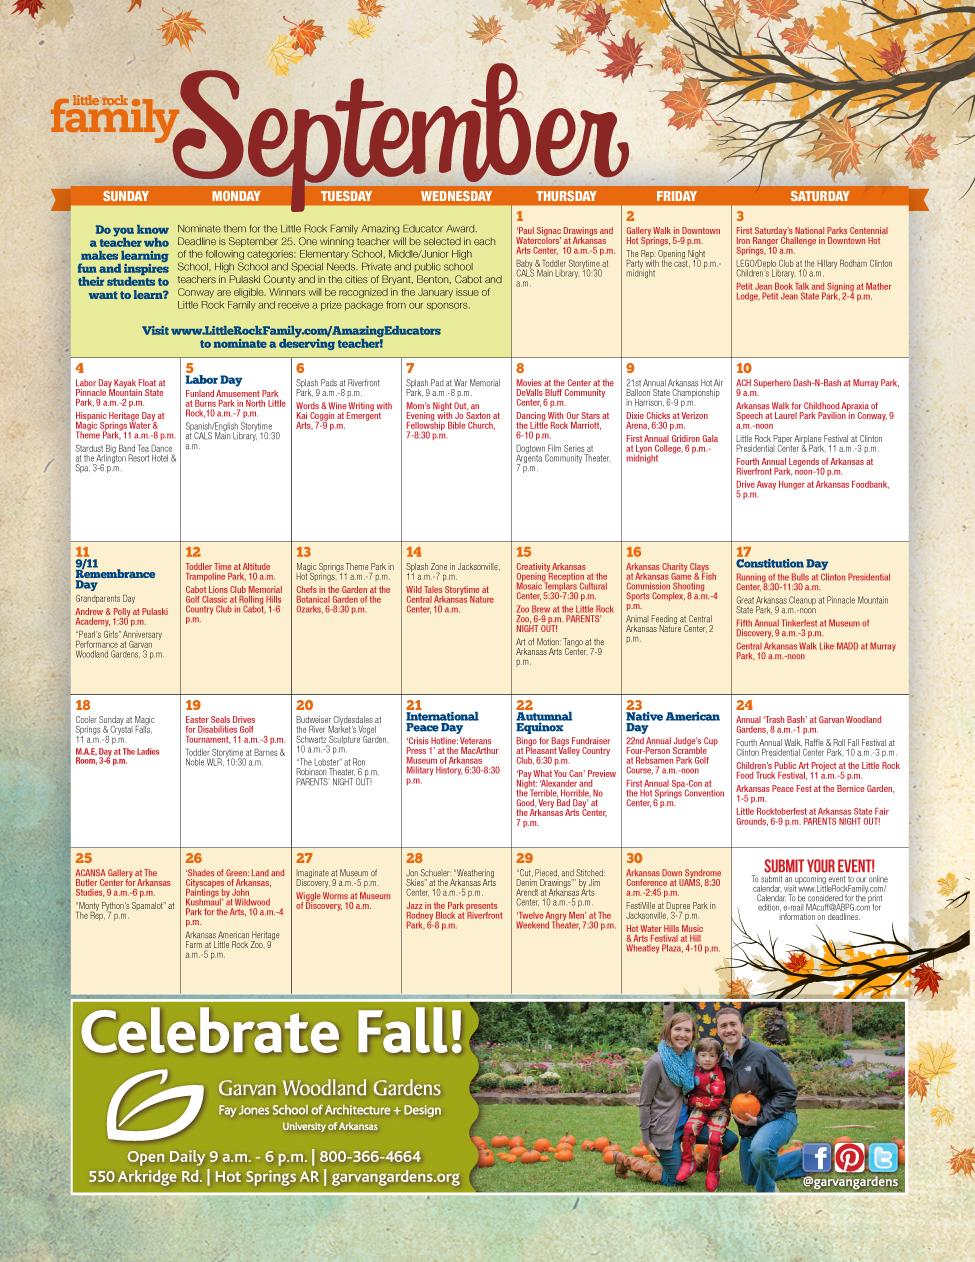 Event Calendar 2016 : Little rock family s september event calendar